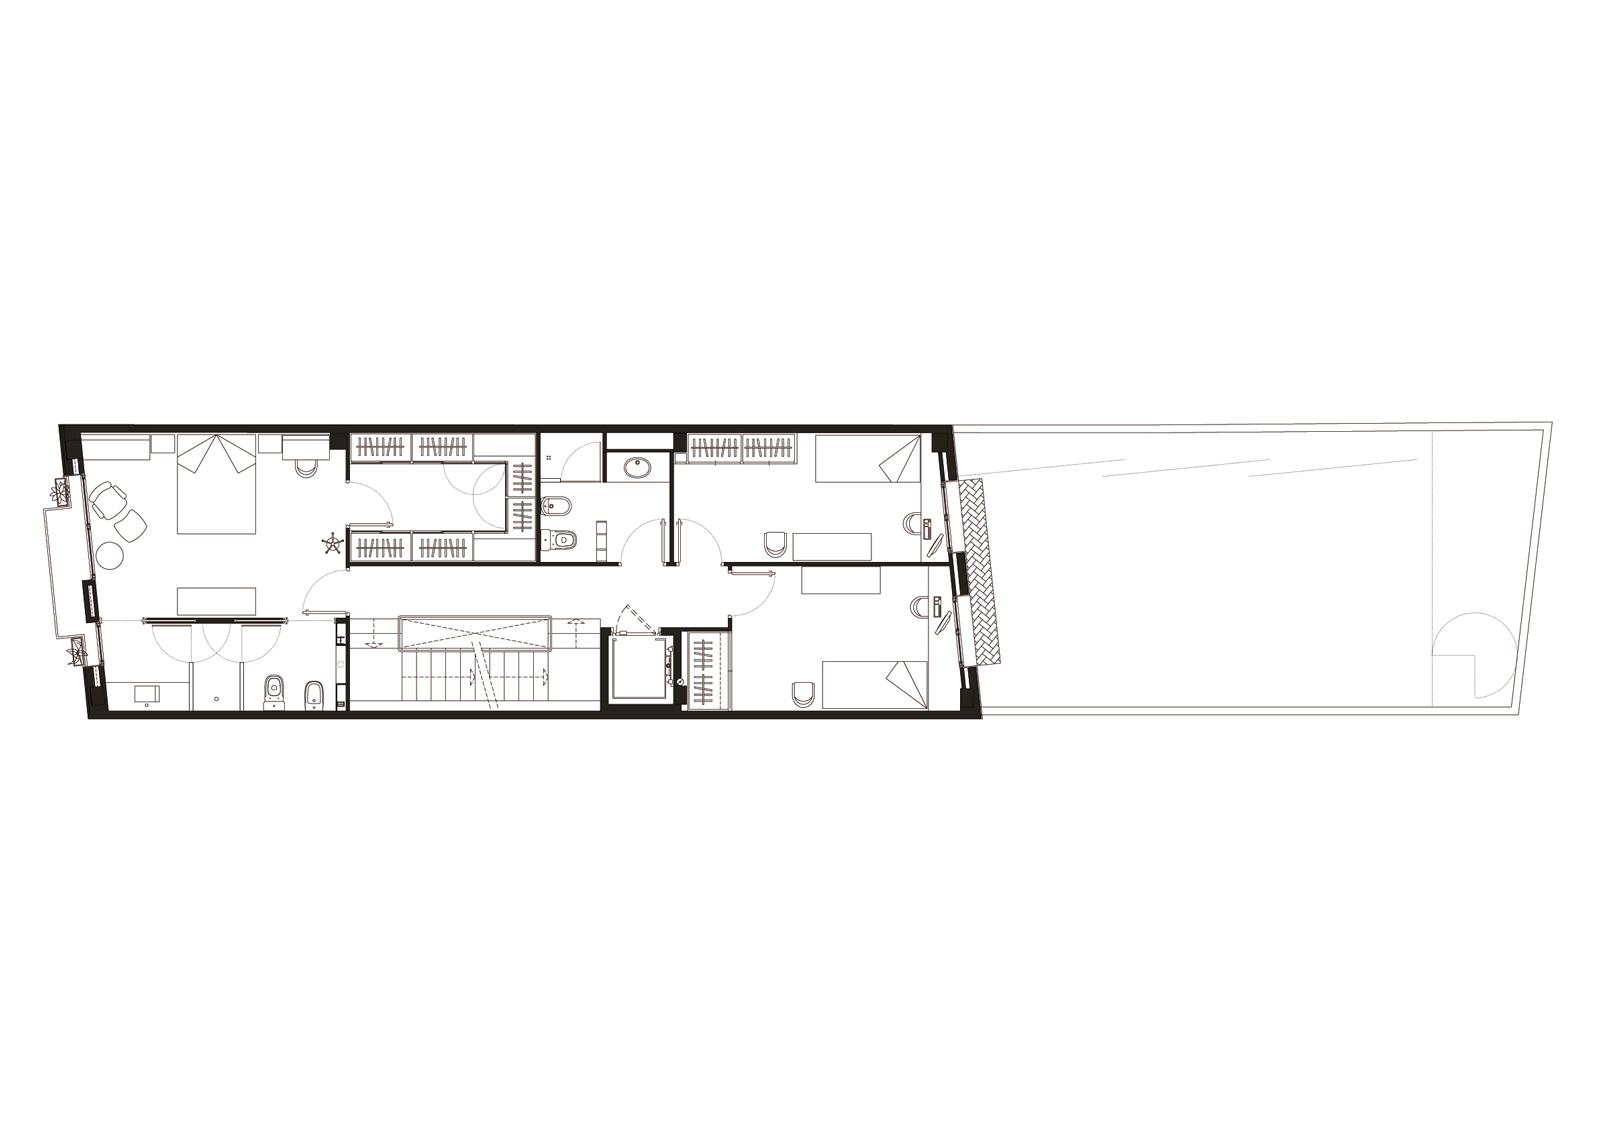 Planta segona. Projecte d'obra nova: 1998 Habitatge unifamiliar entre mitgeres